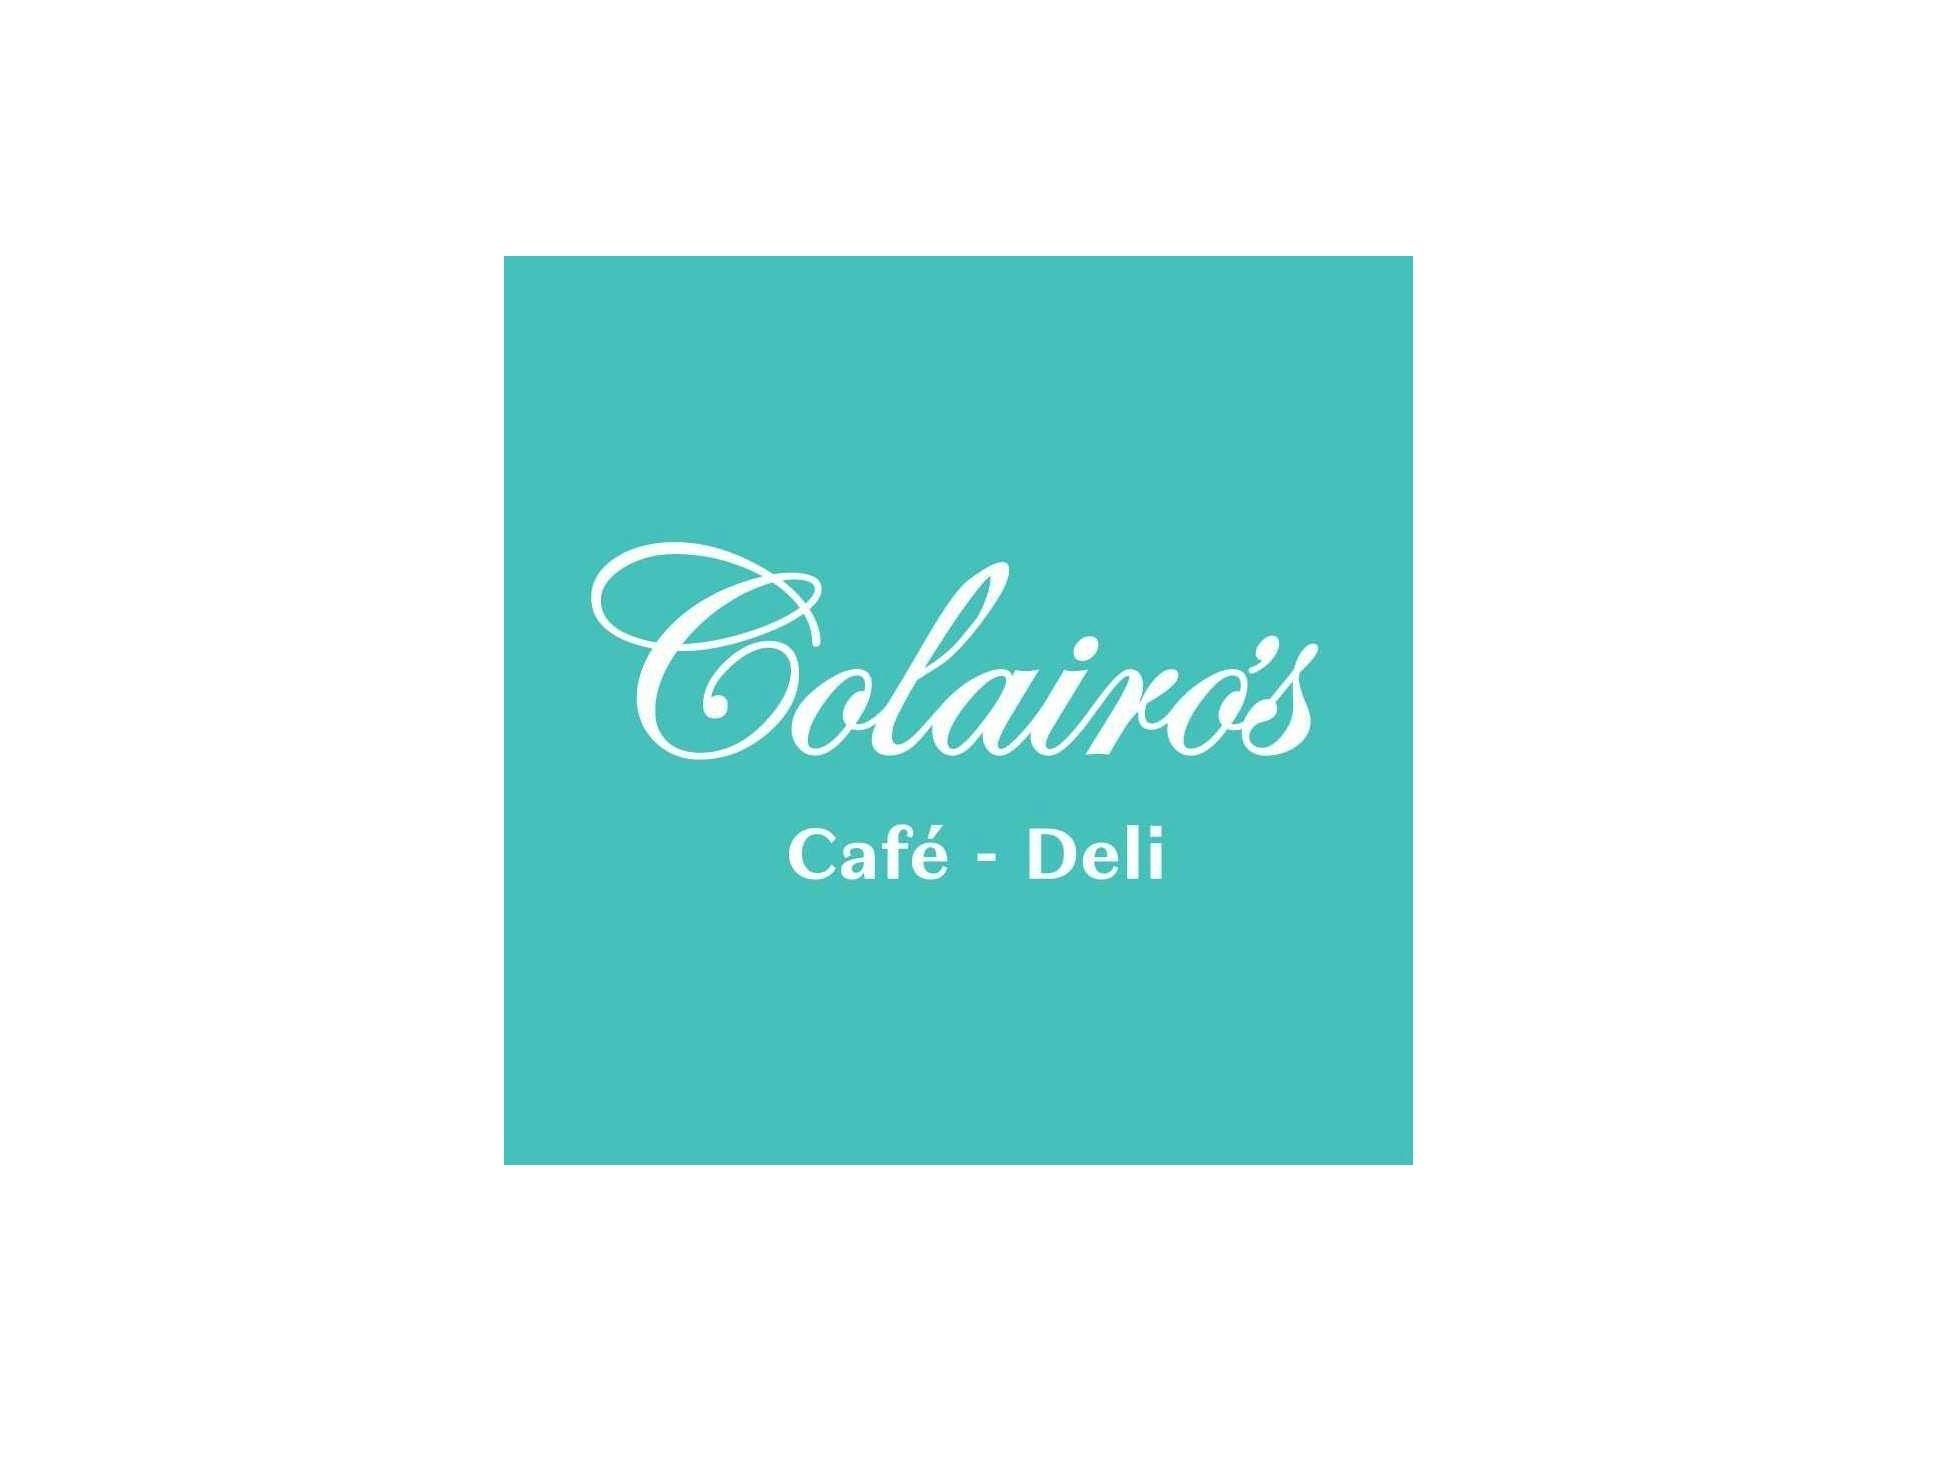 Colairo's coffee shop, Caterham, Surrey logo